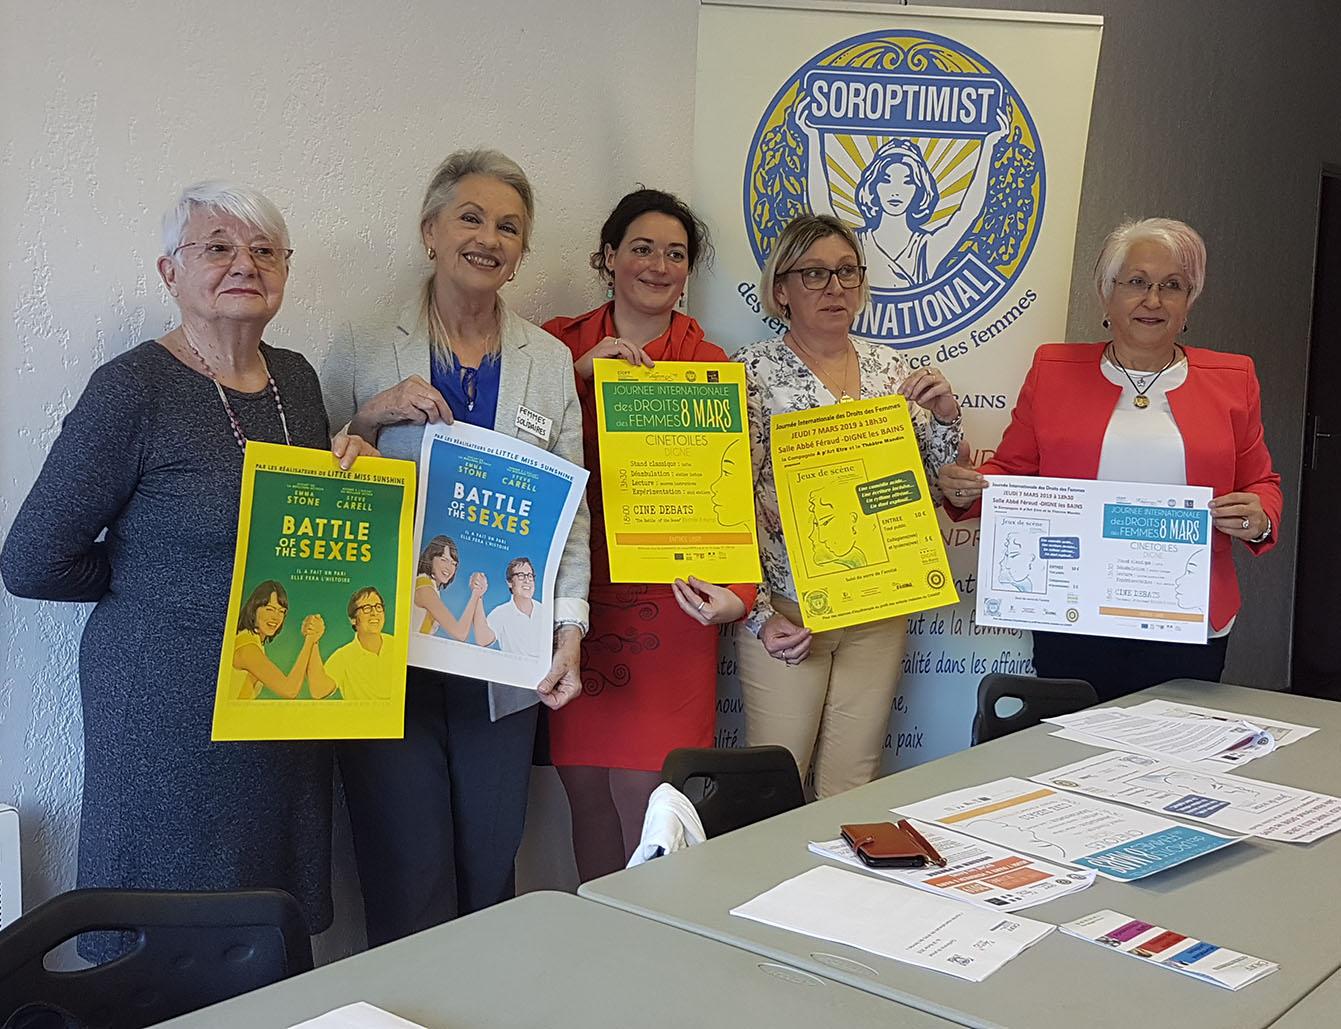 Les associations s'unissent pour le Droit des Femmes